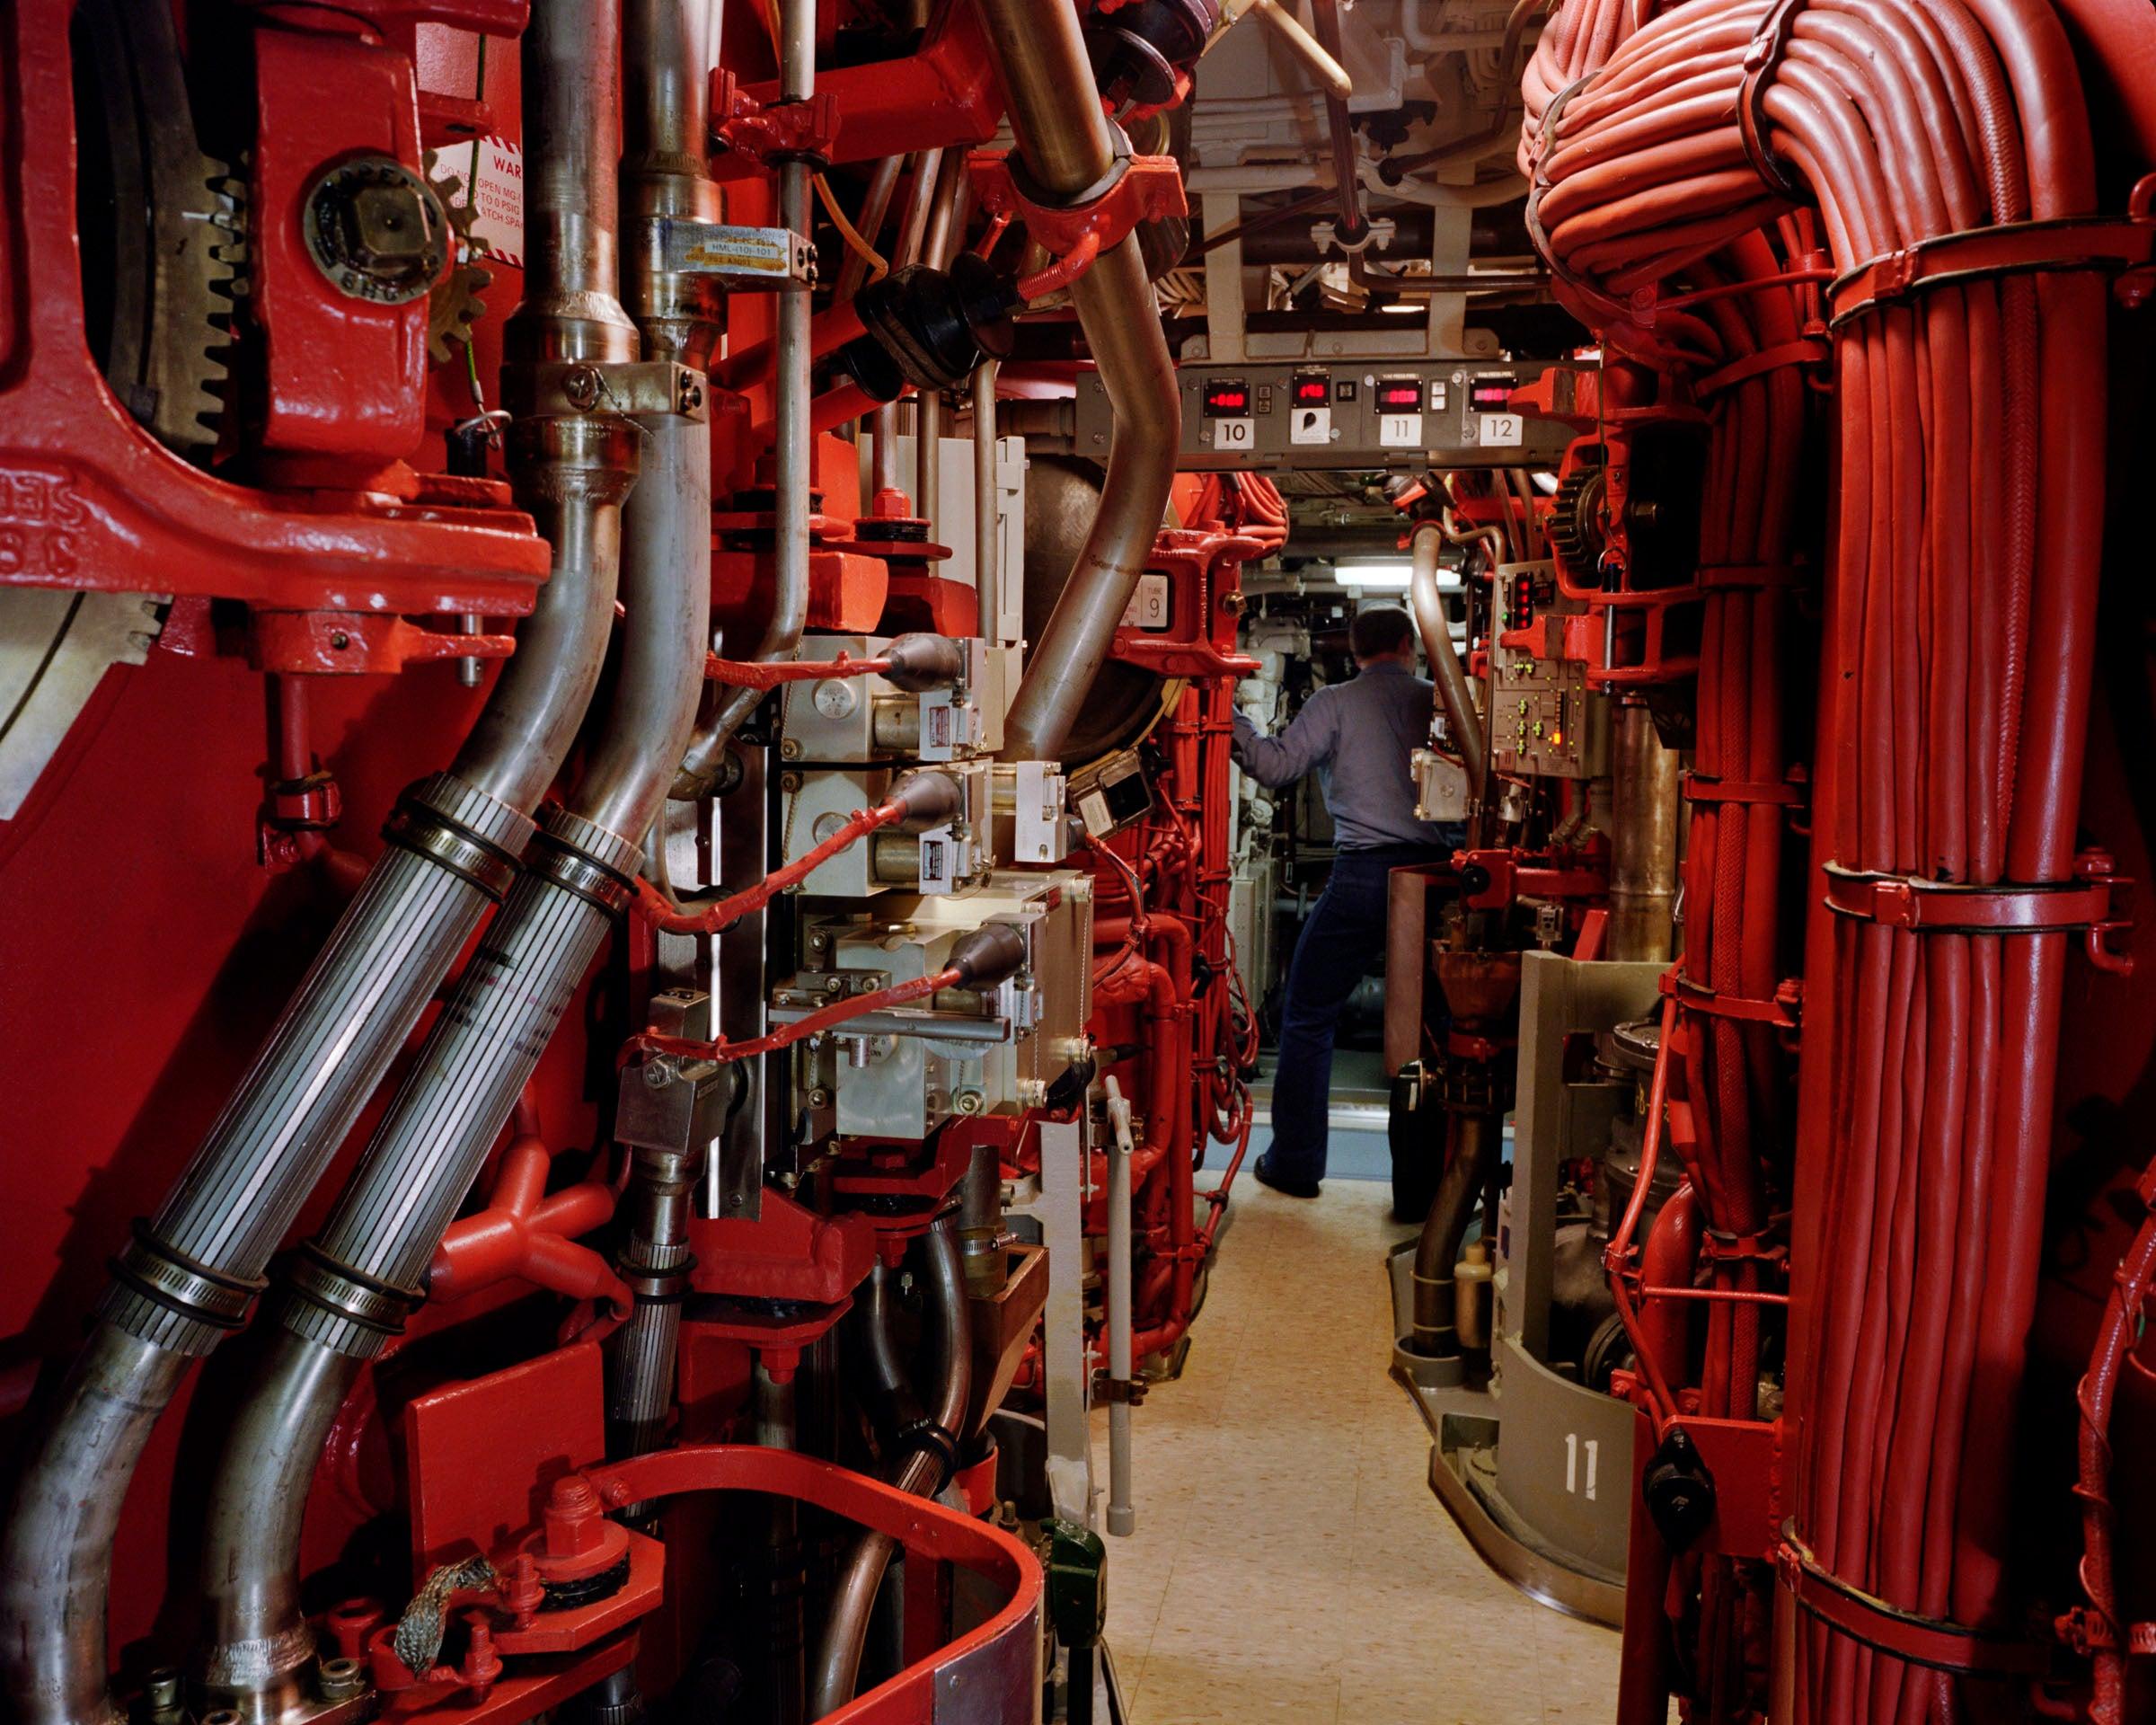 Photo: Paul Shambroom, Untitled (Trident submarine missile tubes, second level, USS Alaska, Naval Submarine Base Bangor, Washington. ), (#3515/16) 1992, Colour coupler print, 16X20 inches, Photo courtesy of Paul Shambroom.